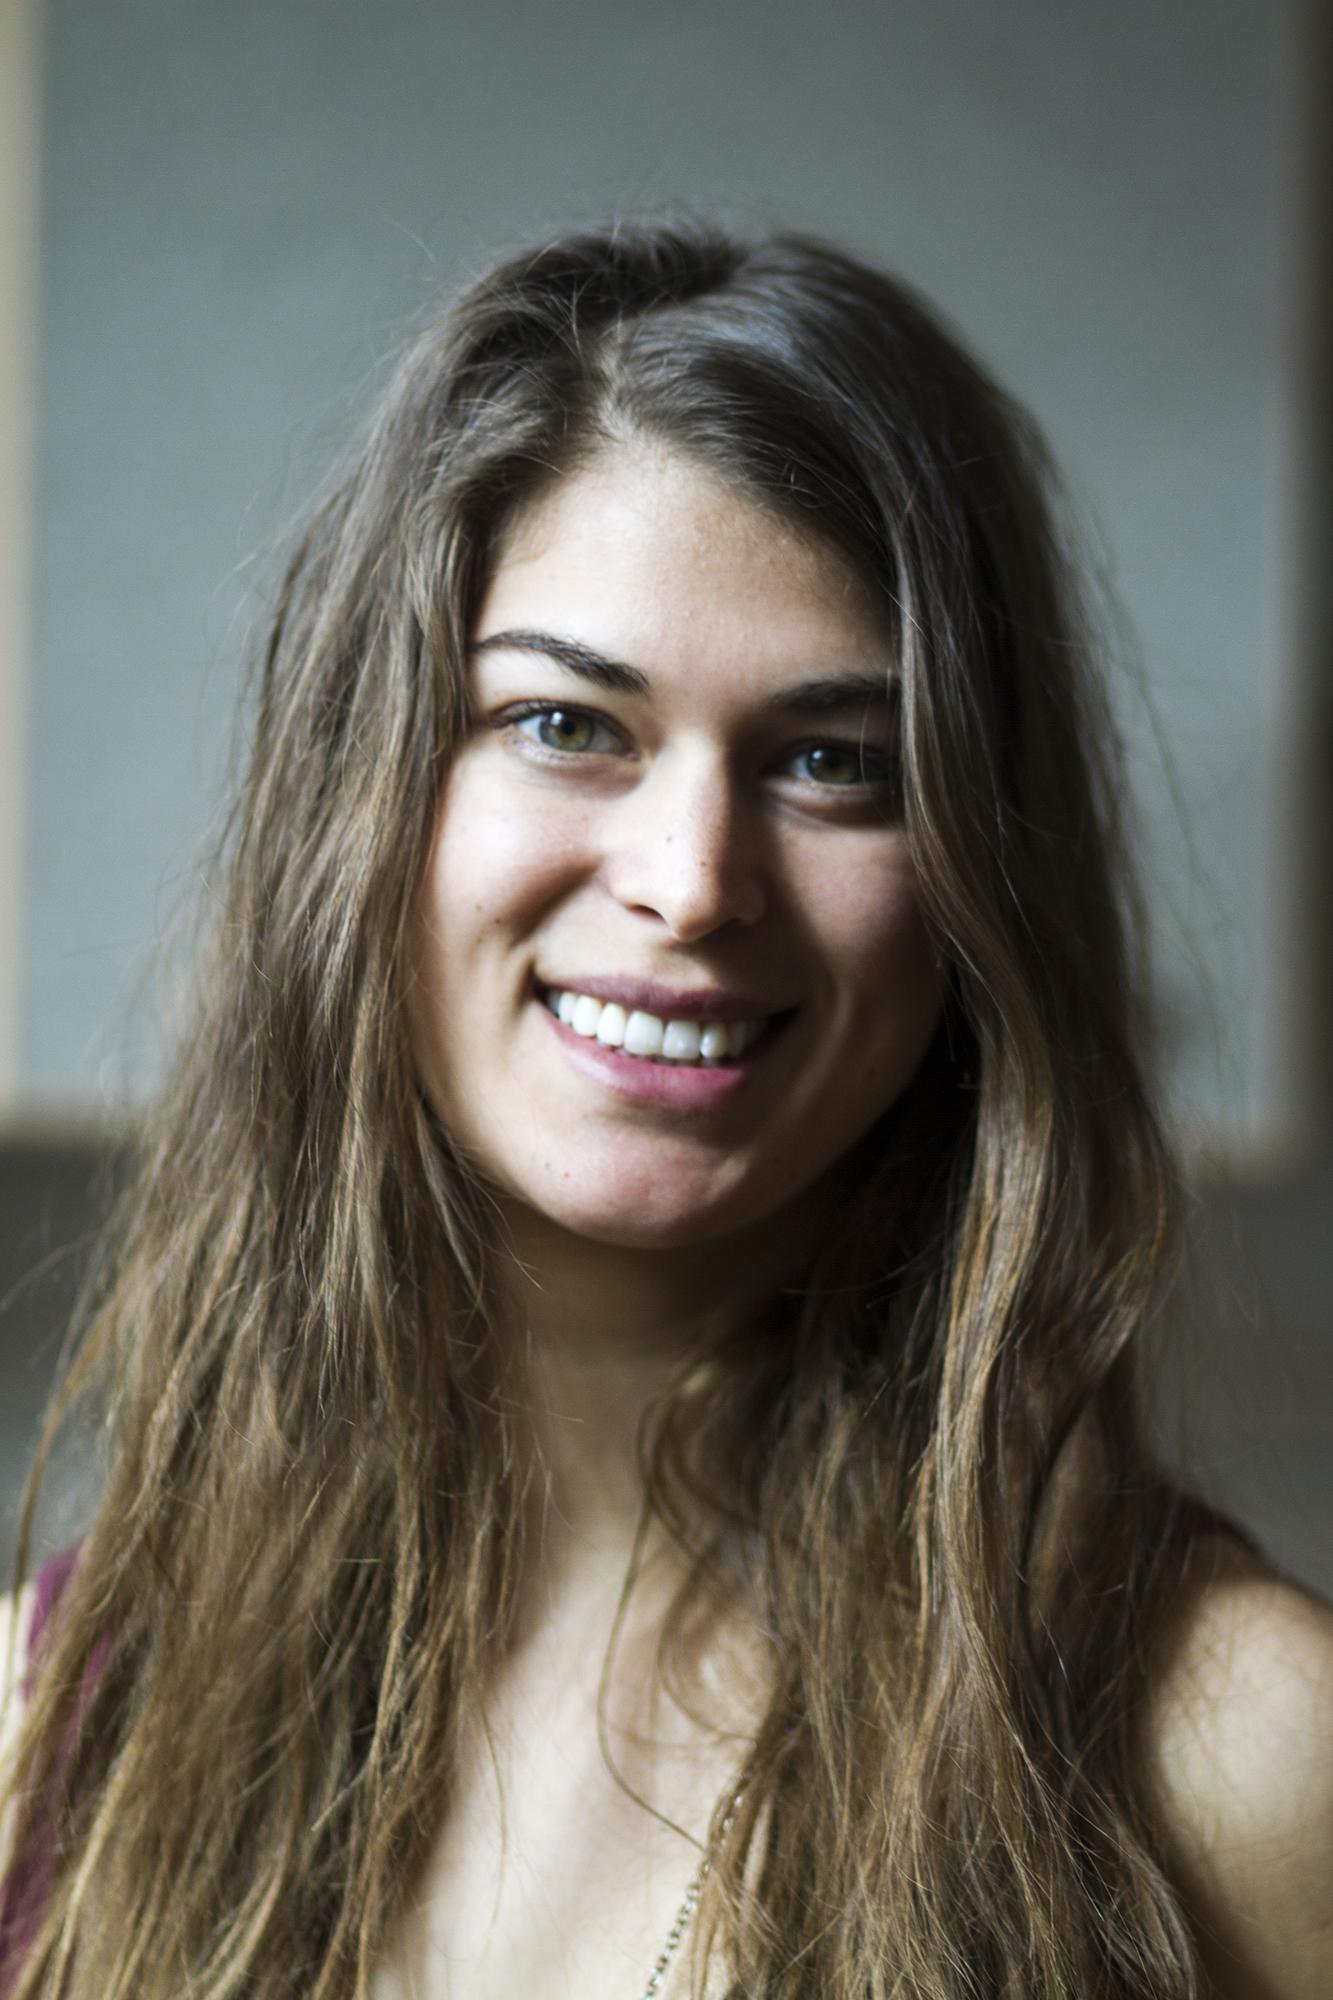 Alexis Goertz